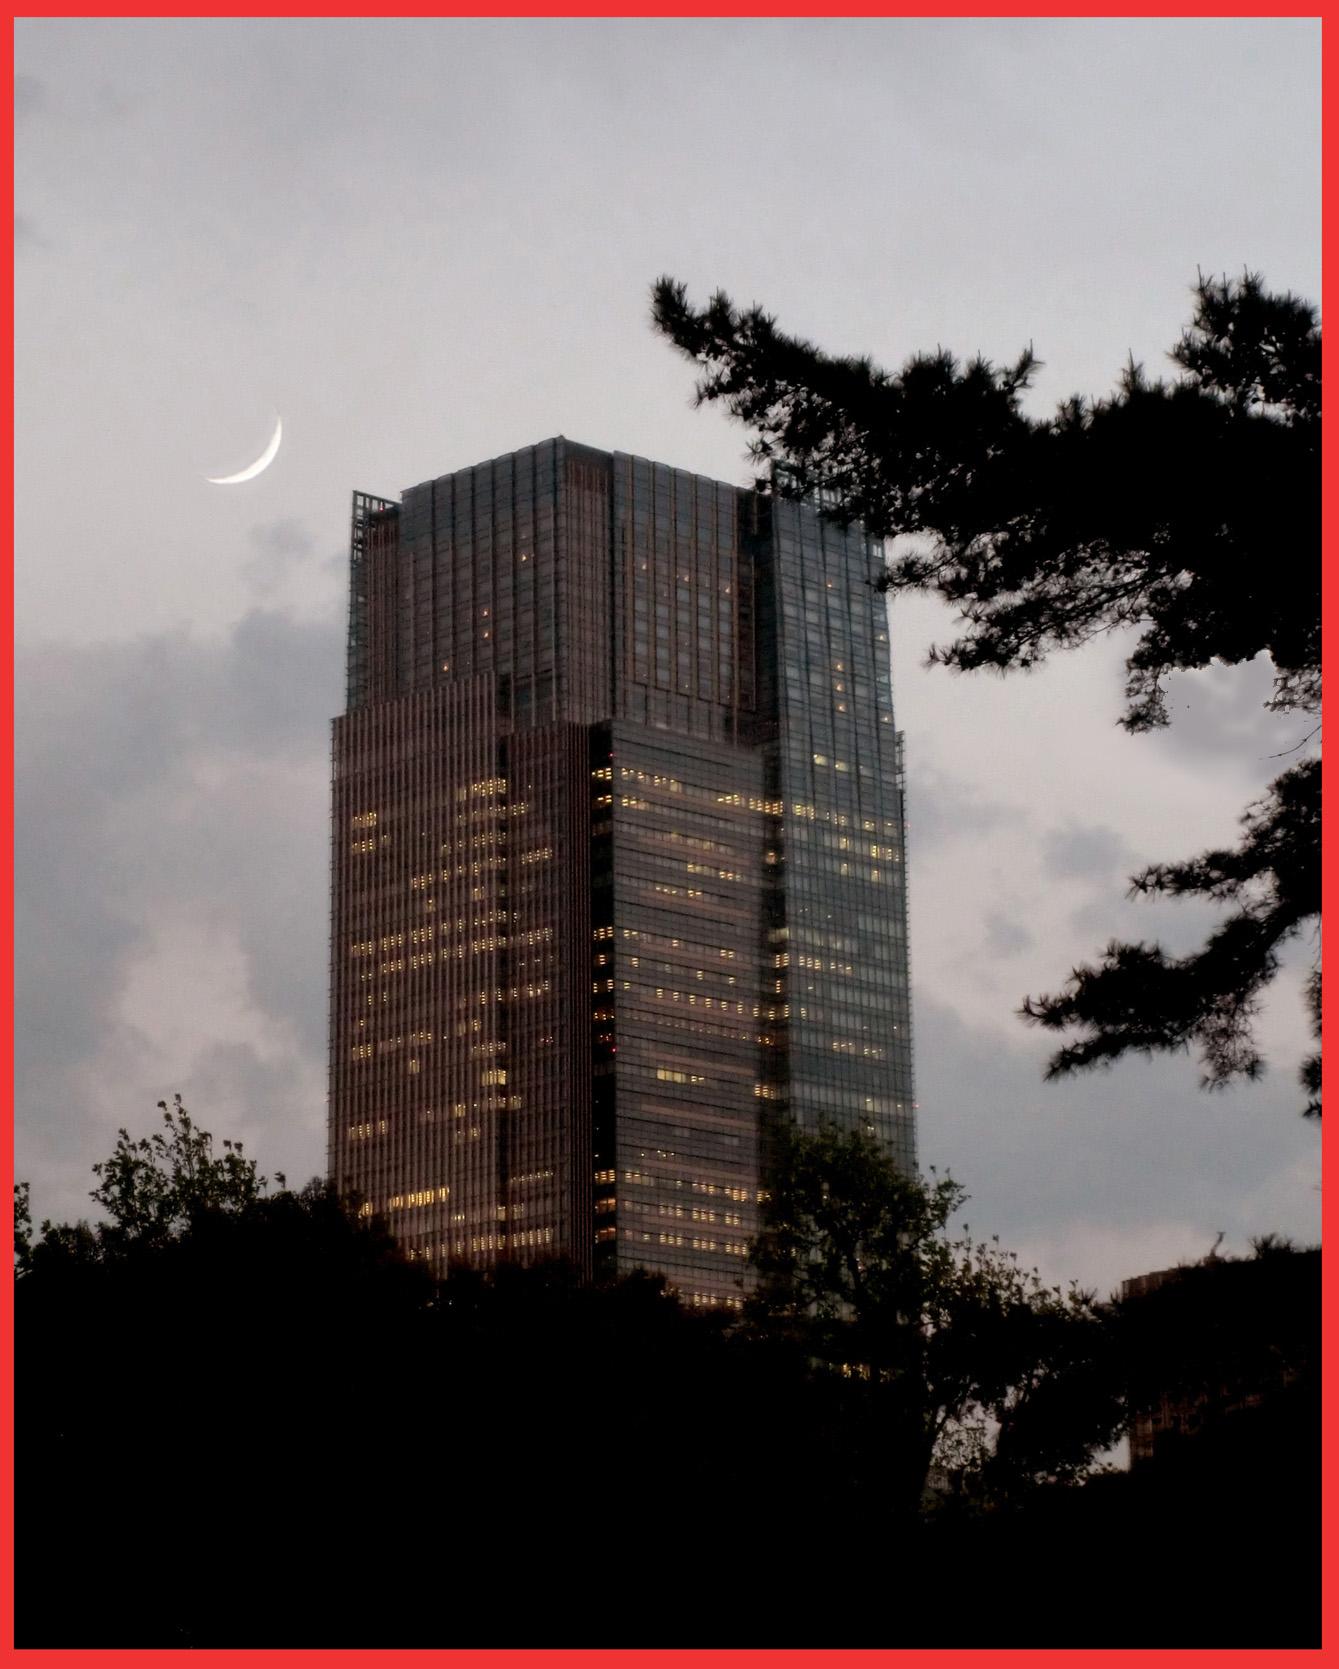 夕暮れのオランダ大使館前。_e0236072_2039355.jpg